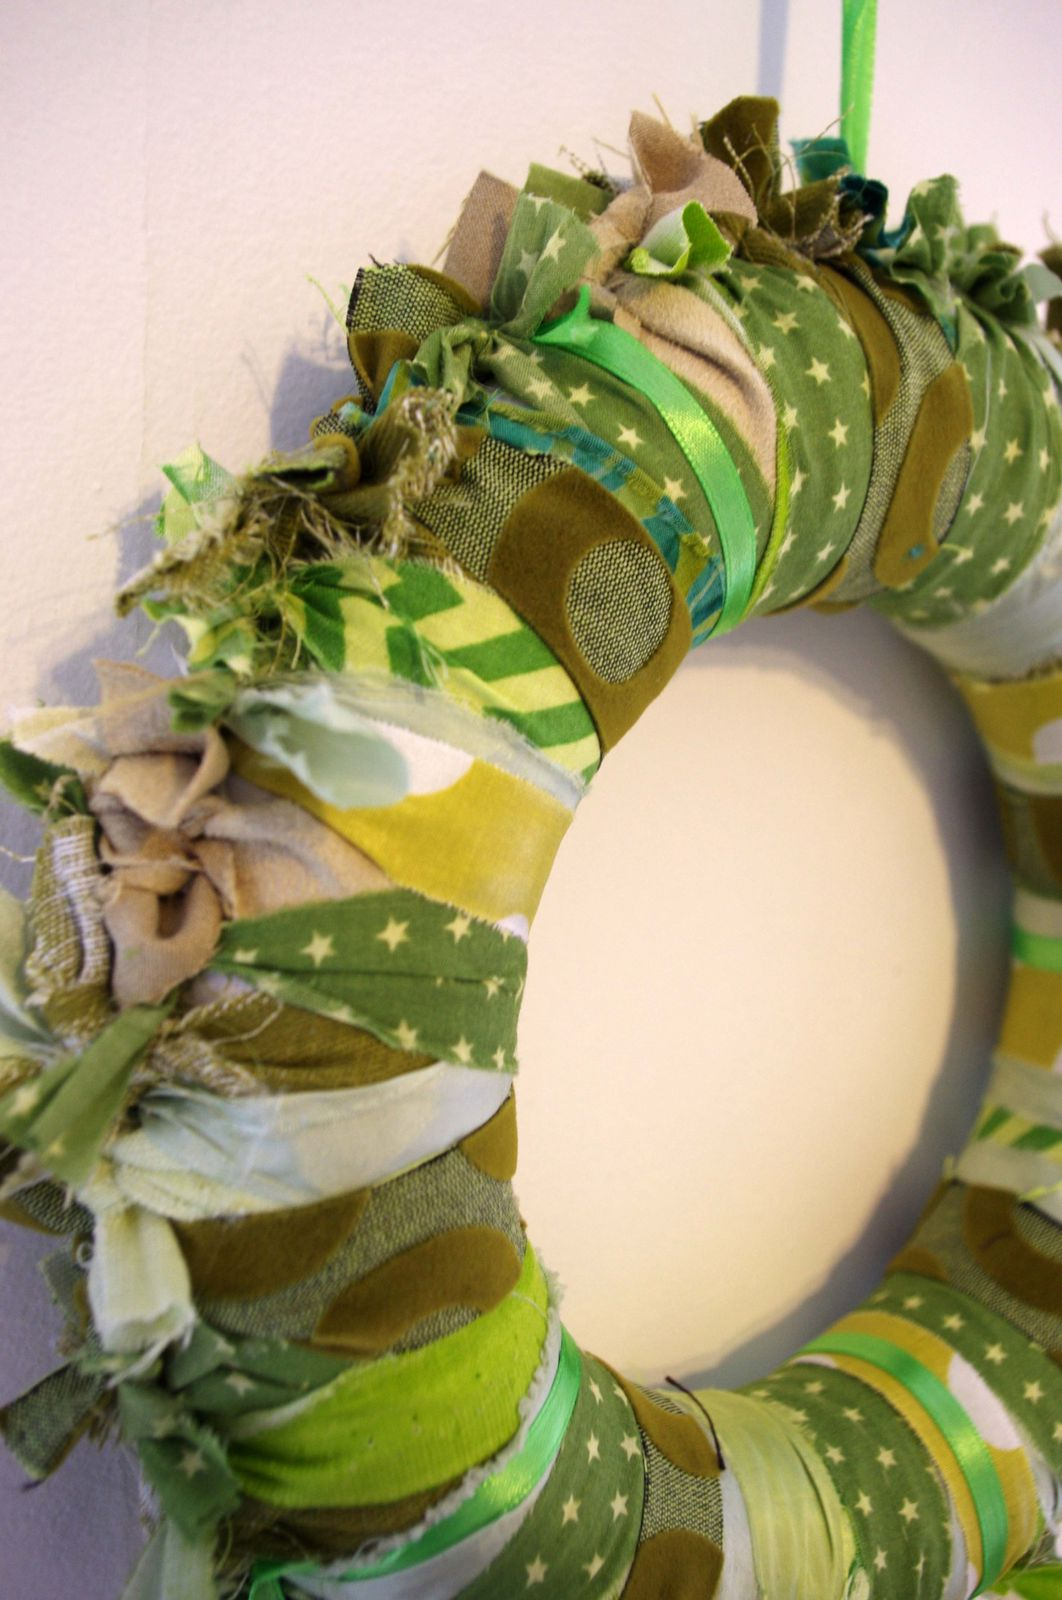 Couronnes de tissus vertes